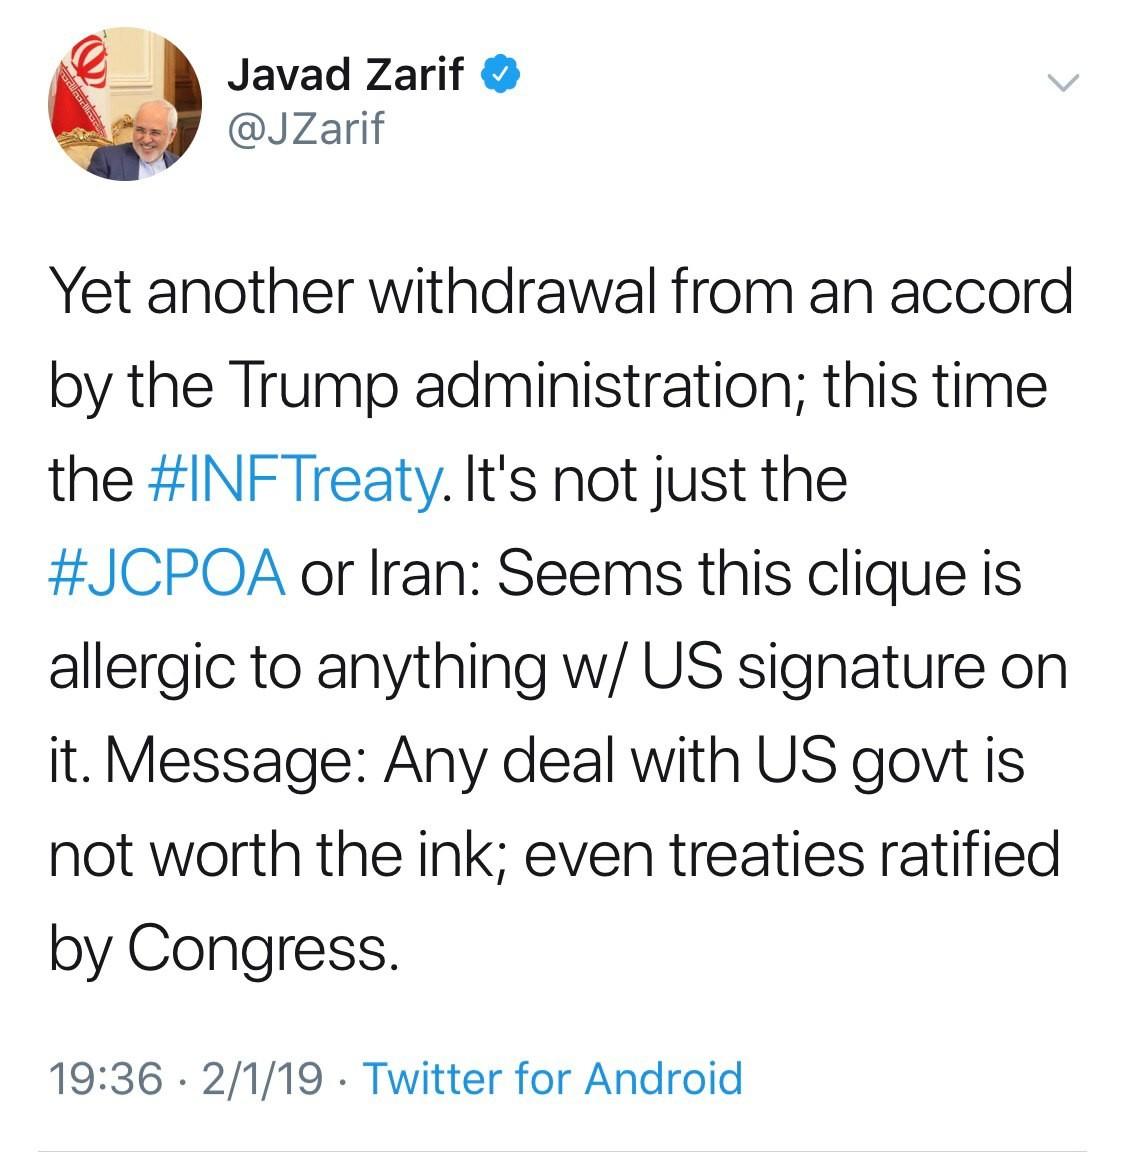 ظریف: ترامپ نشان داد توافق با آمریکا به اندازه جوهر روی کاغذ آن توافق هم ارزش ندارد